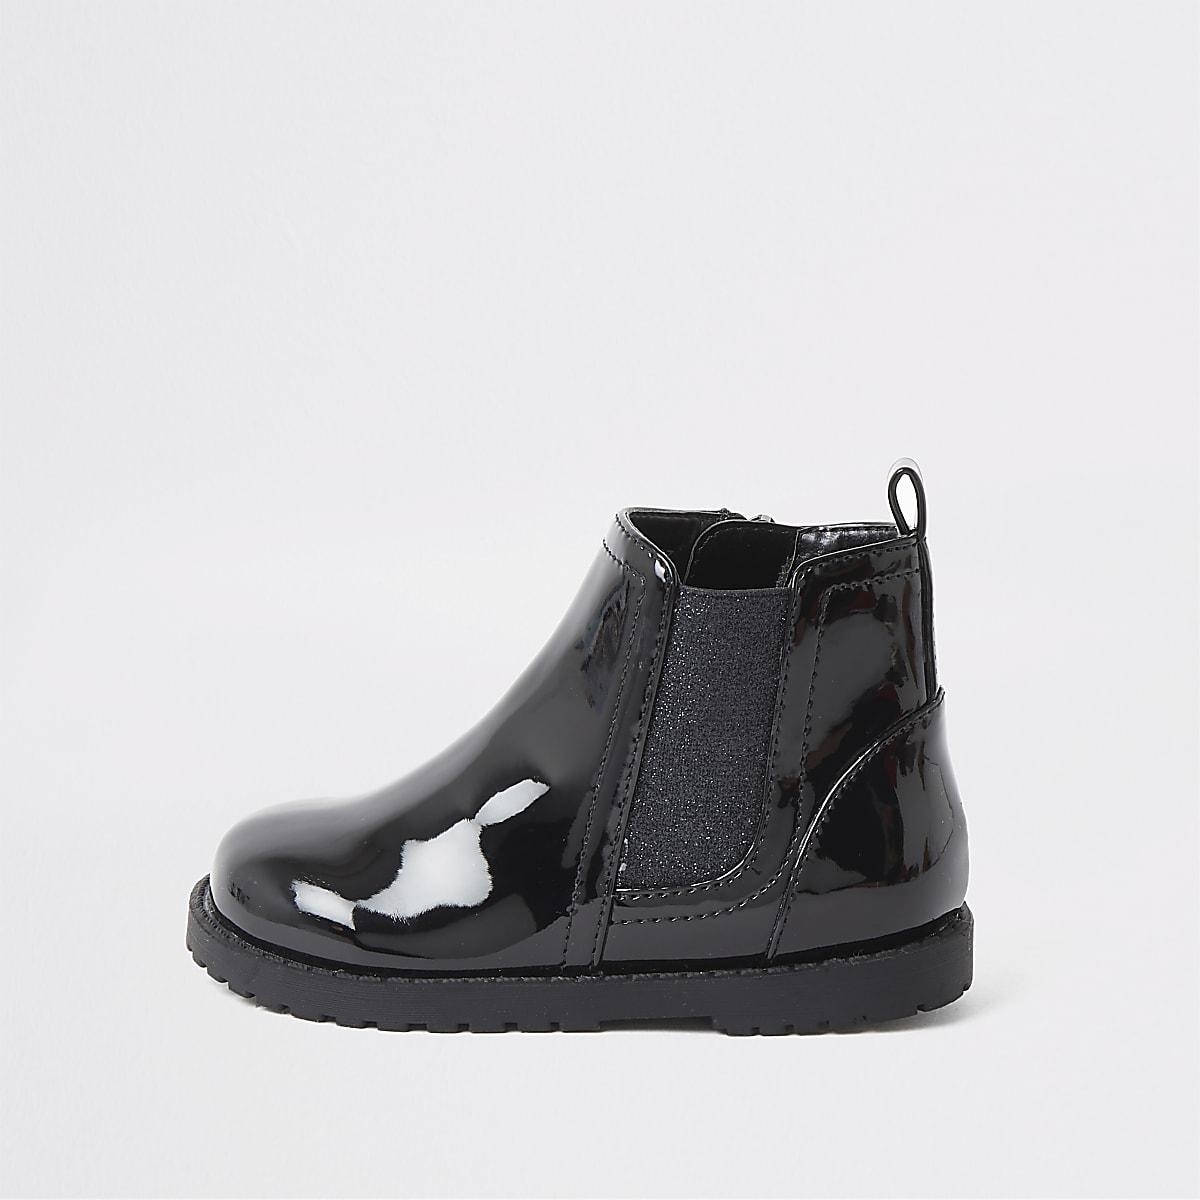 sélection premium 50-70% de réduction recherche d'authentique Mini girls black glitter patent boots